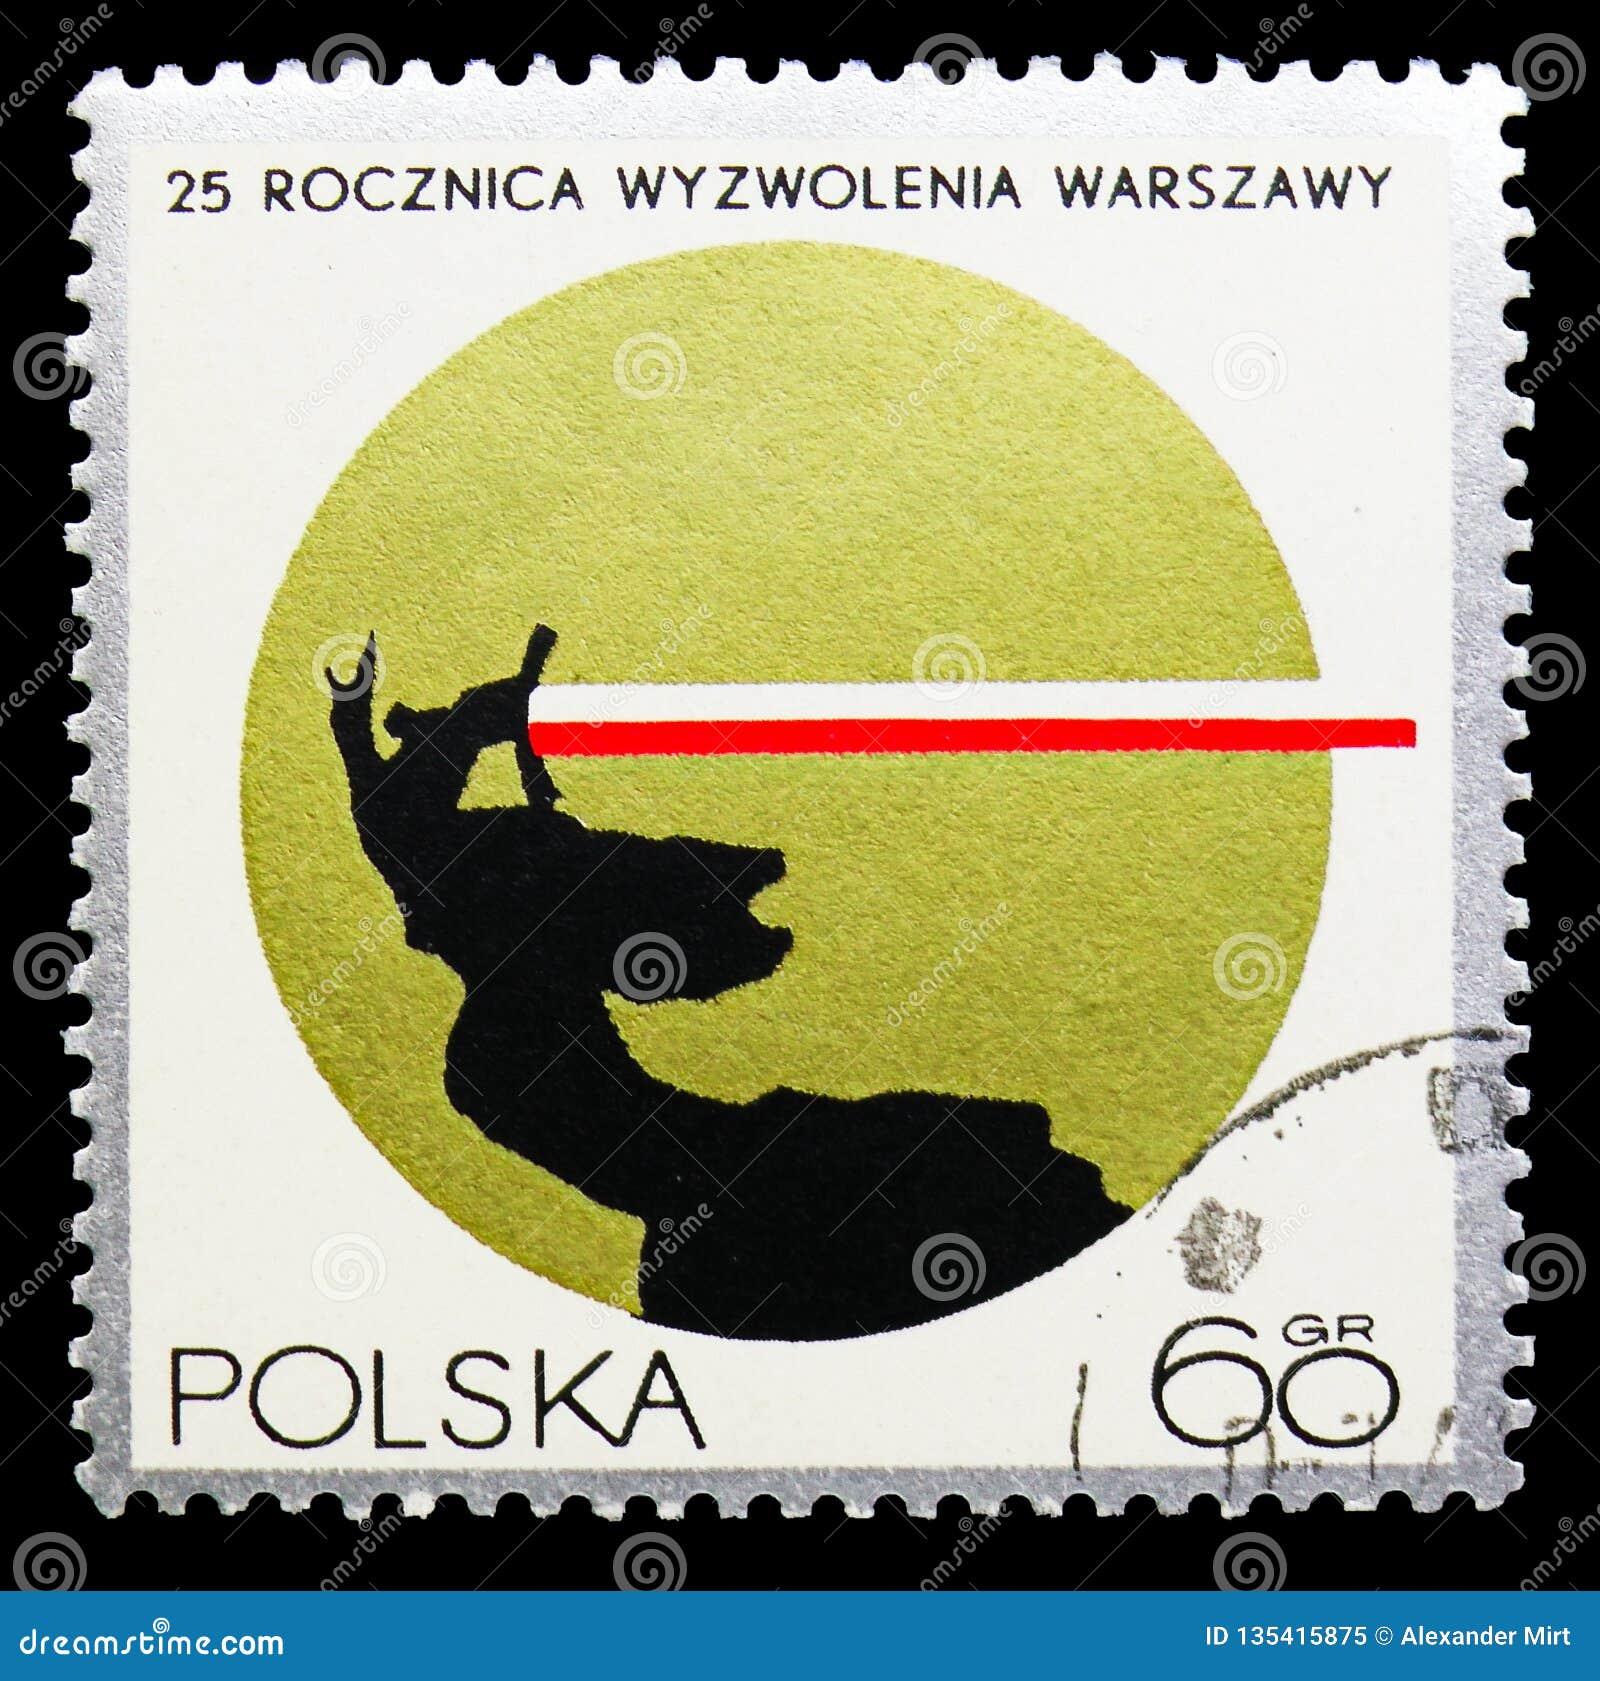 excusa querido matar  Estatua De Nike Y De Los Colores Polacos, Liberación De Varsovia, 25to  Serie Del Aniversario, Circa 1970 Imagen editorial - Imagen de diseño,  antigüedad: 135415875